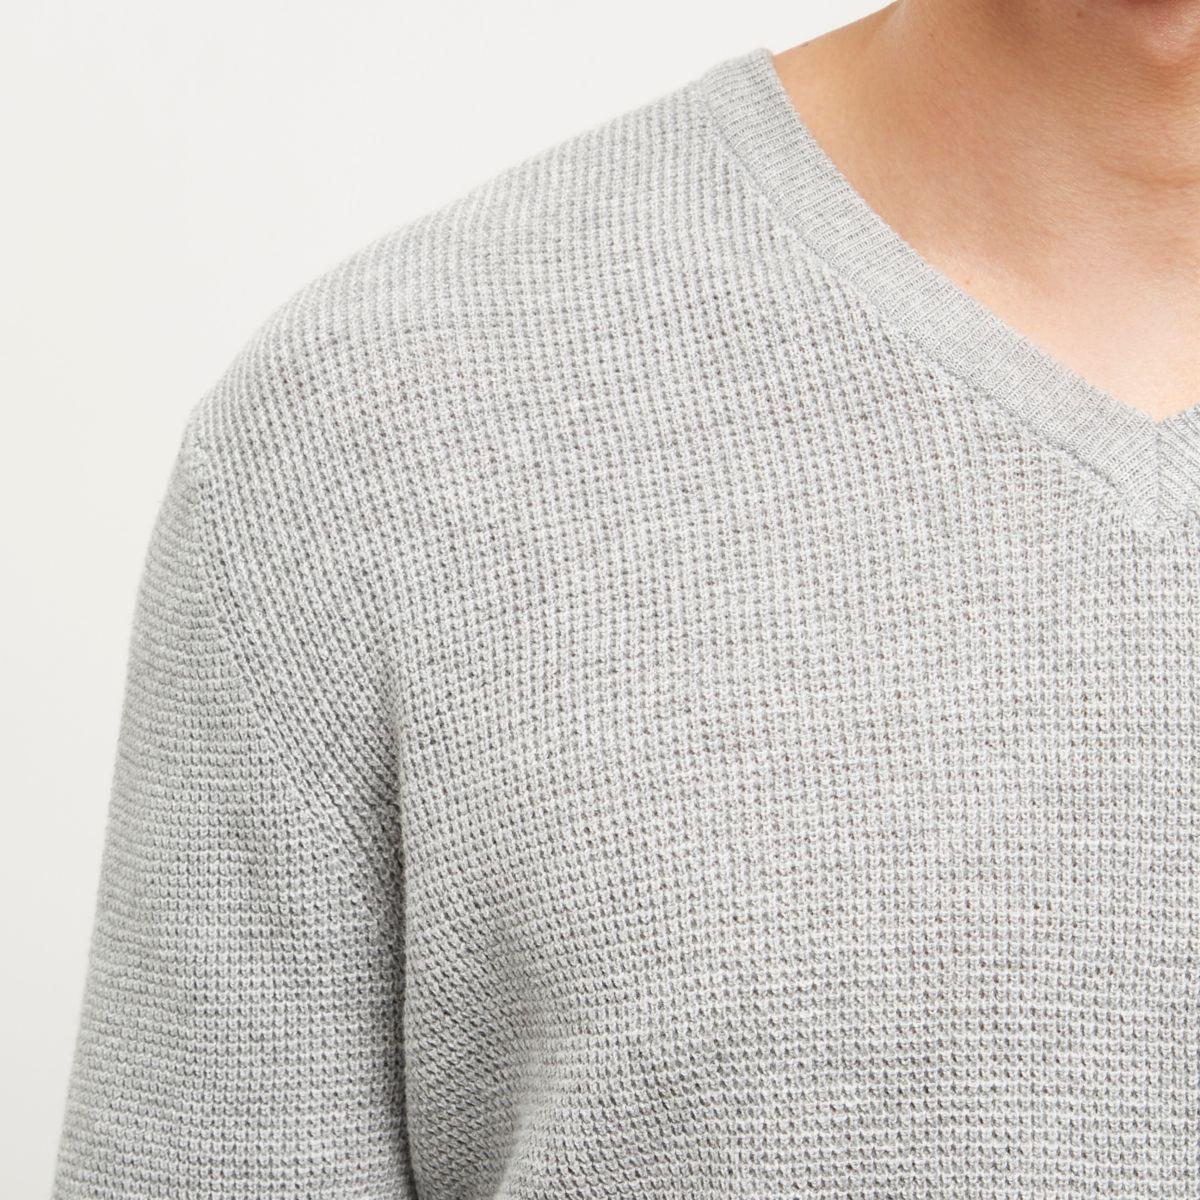 Grauer, strukturierter Pullover mit V-Ausschnitt